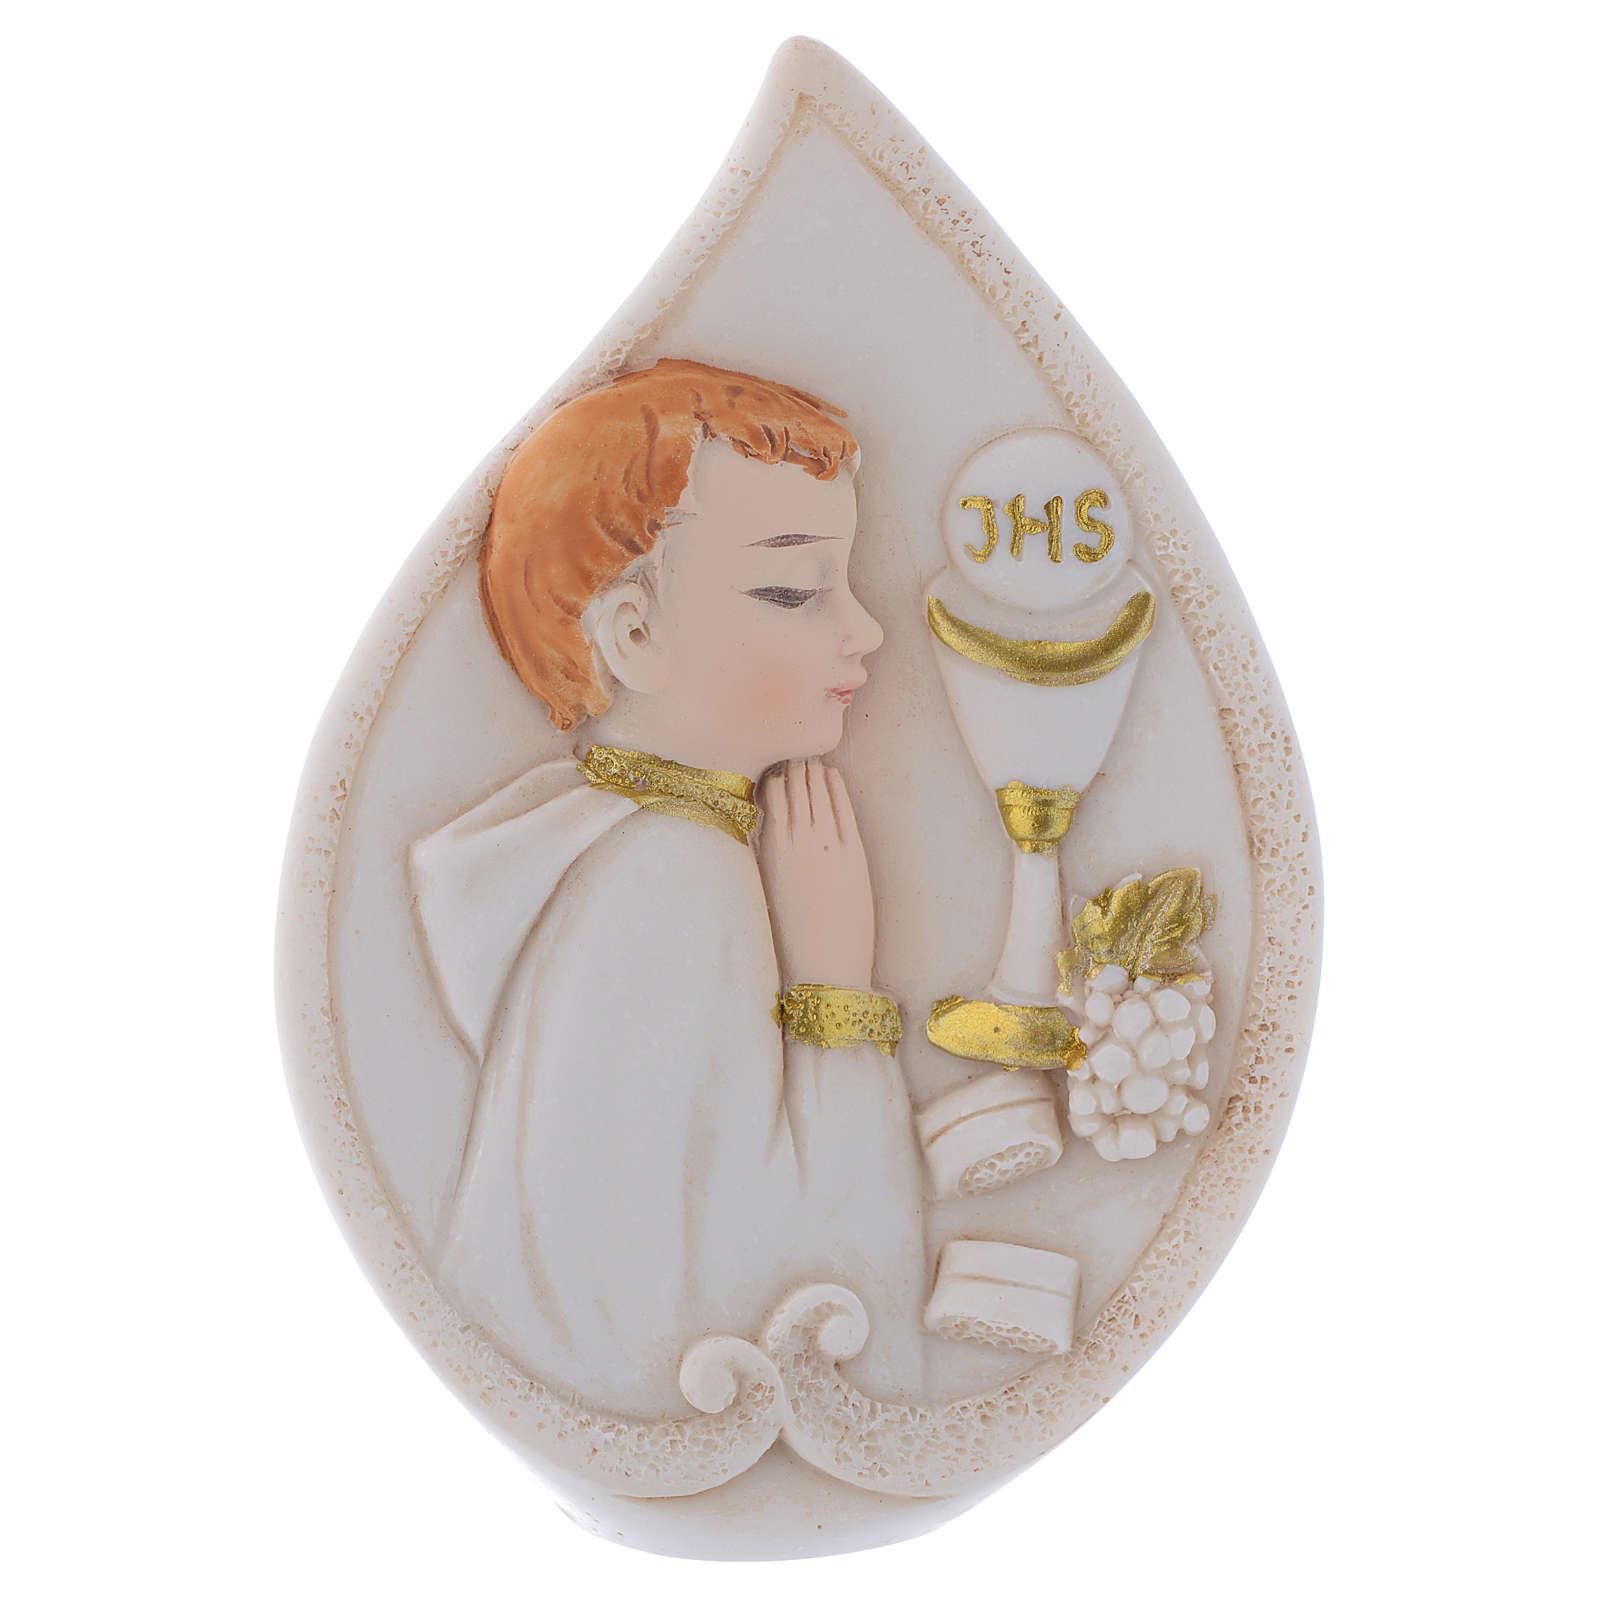 Bonbonnière Communion goutte avec Garçon 8,5 cm 3